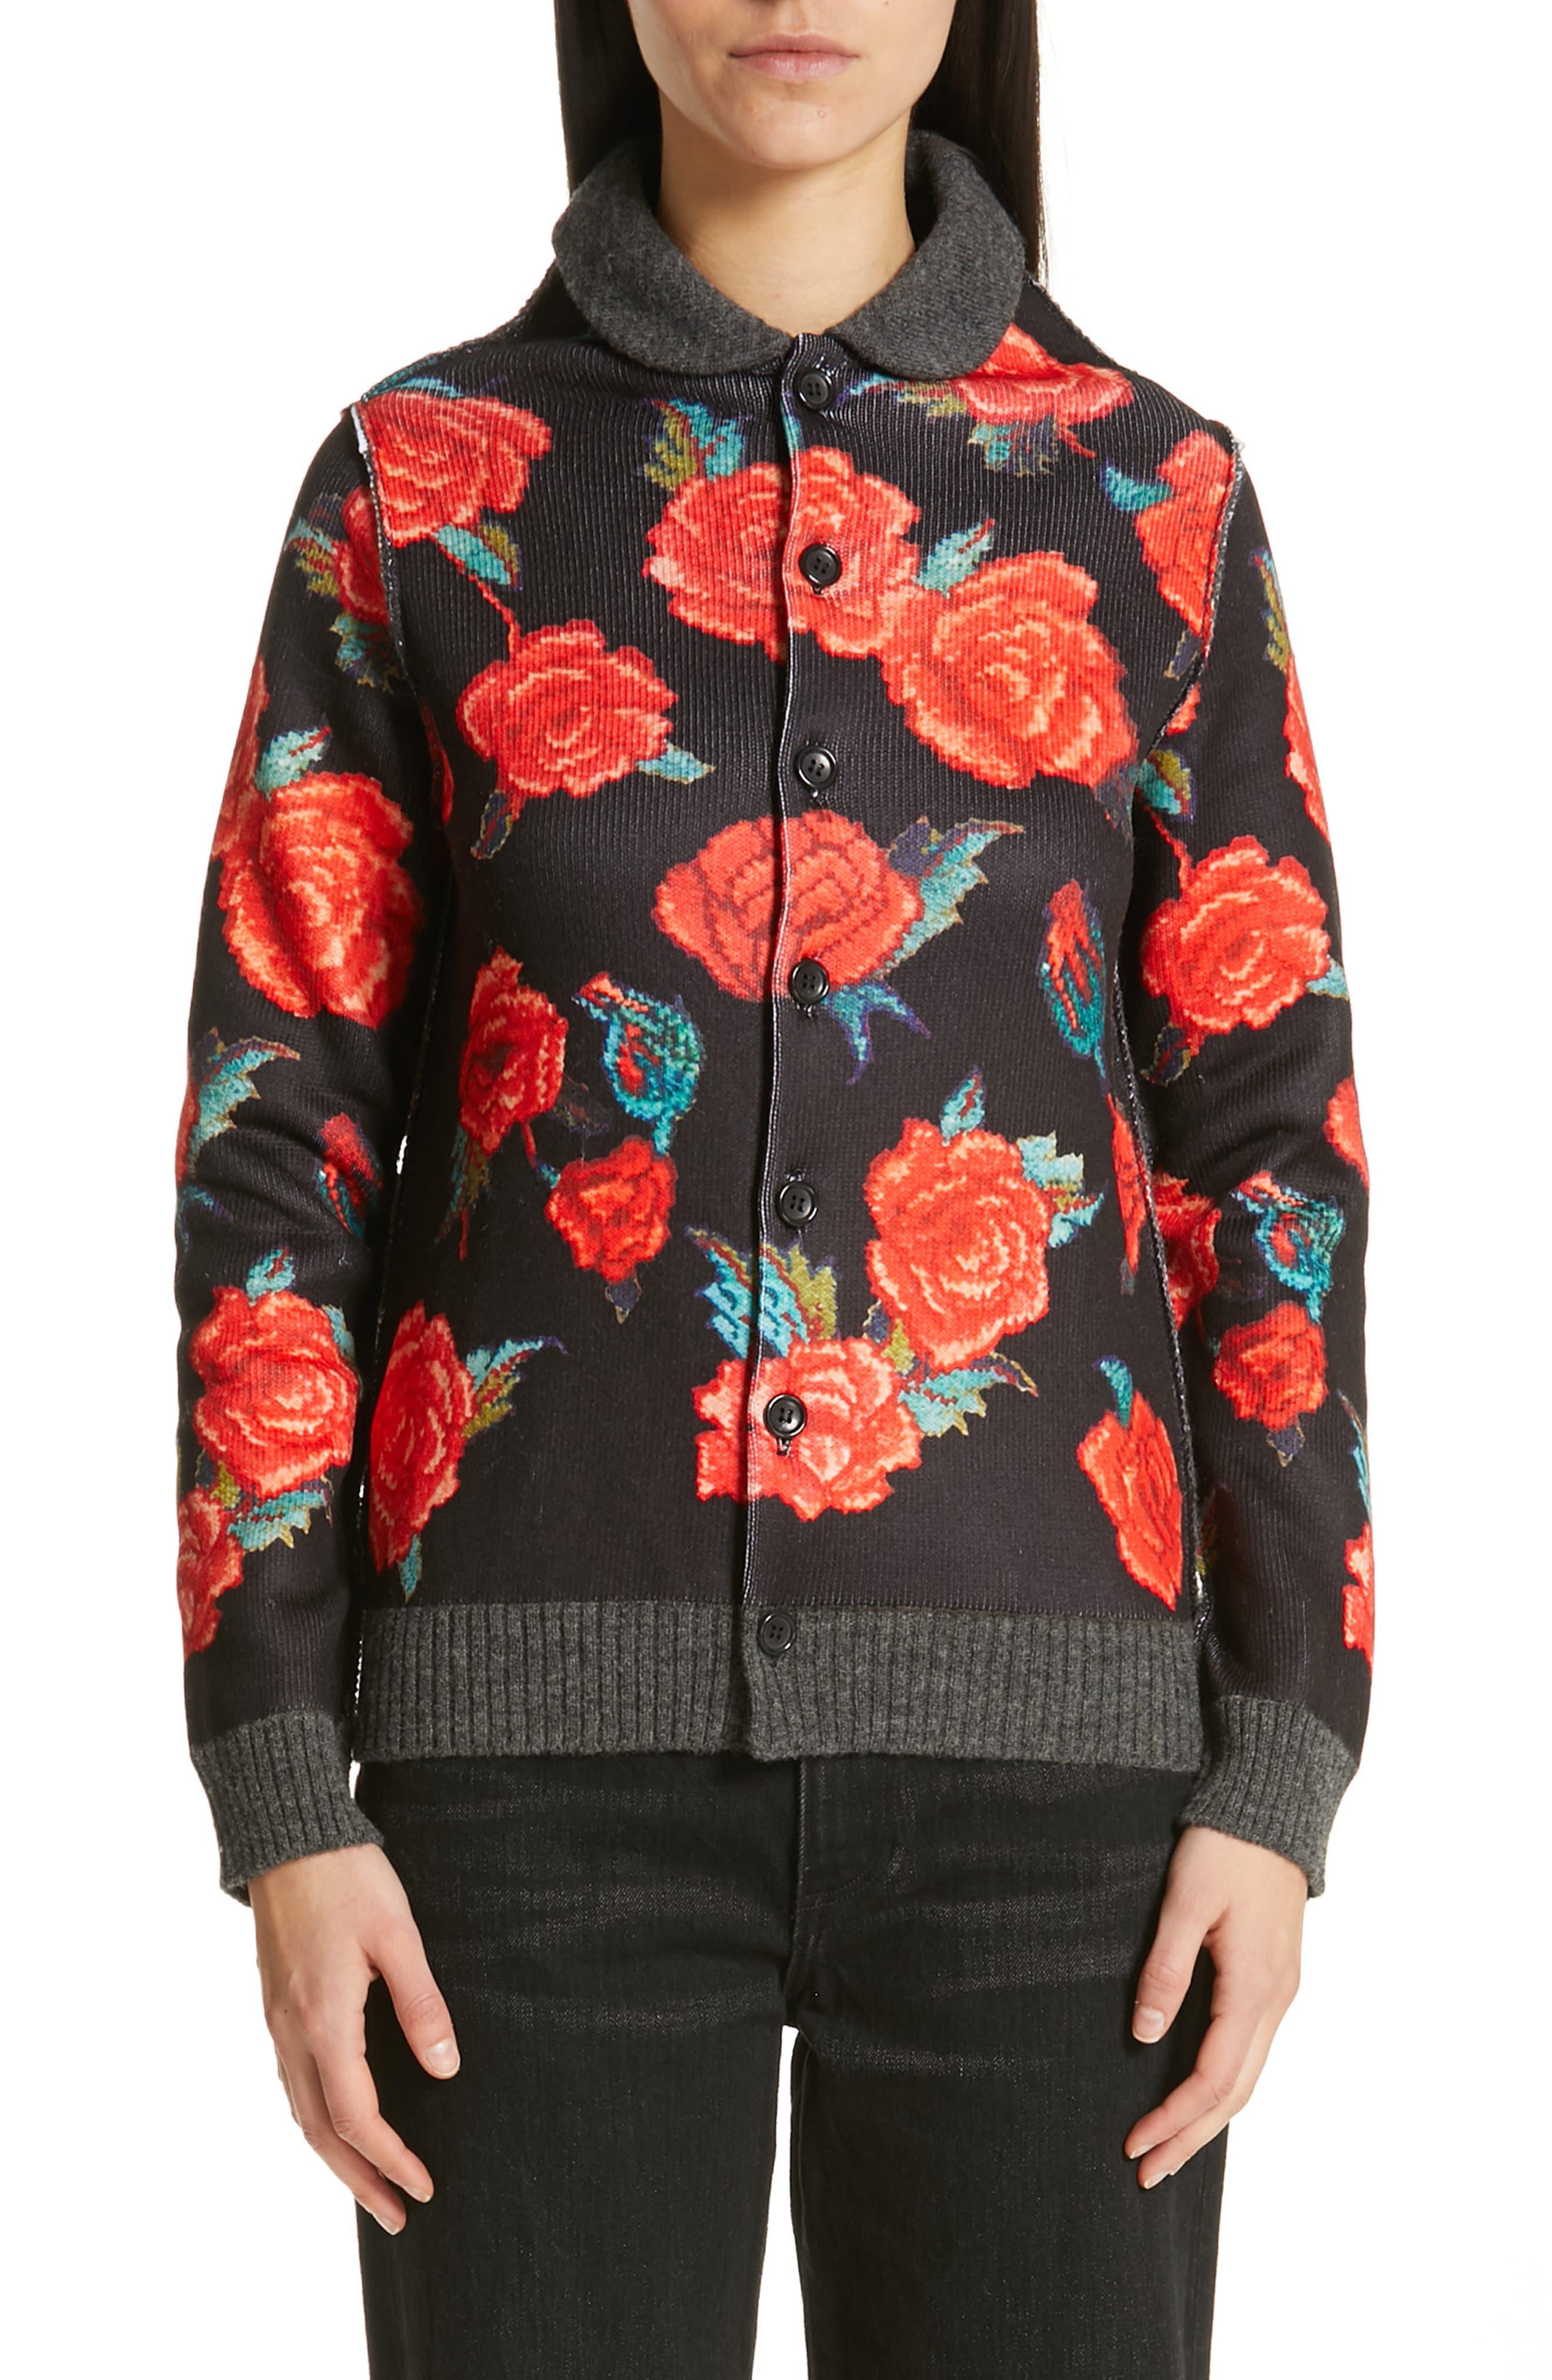 TRICOT COMME DES GARÇONS Rose Print Cardigan, Main, color, BLACK X TOP GRAY